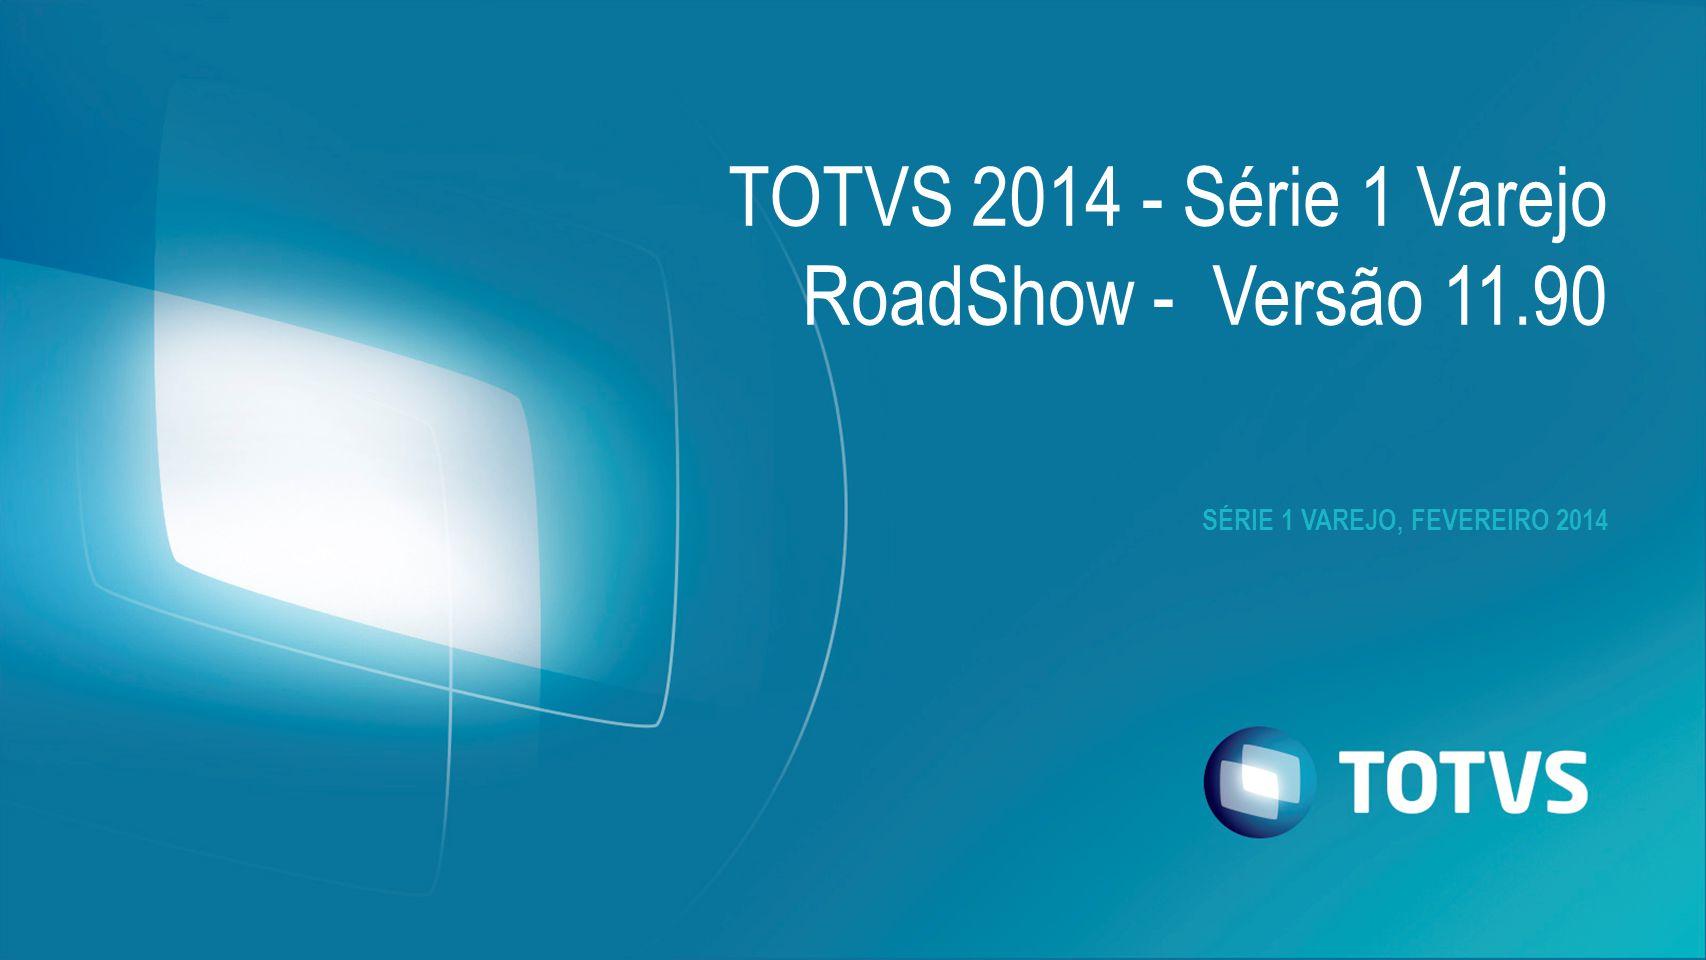 SÉRIE 1 VAREJO, FEVEREIRO 2014 TOTVS 2014 - Série 1 Varejo RoadShow - Versão 11.90